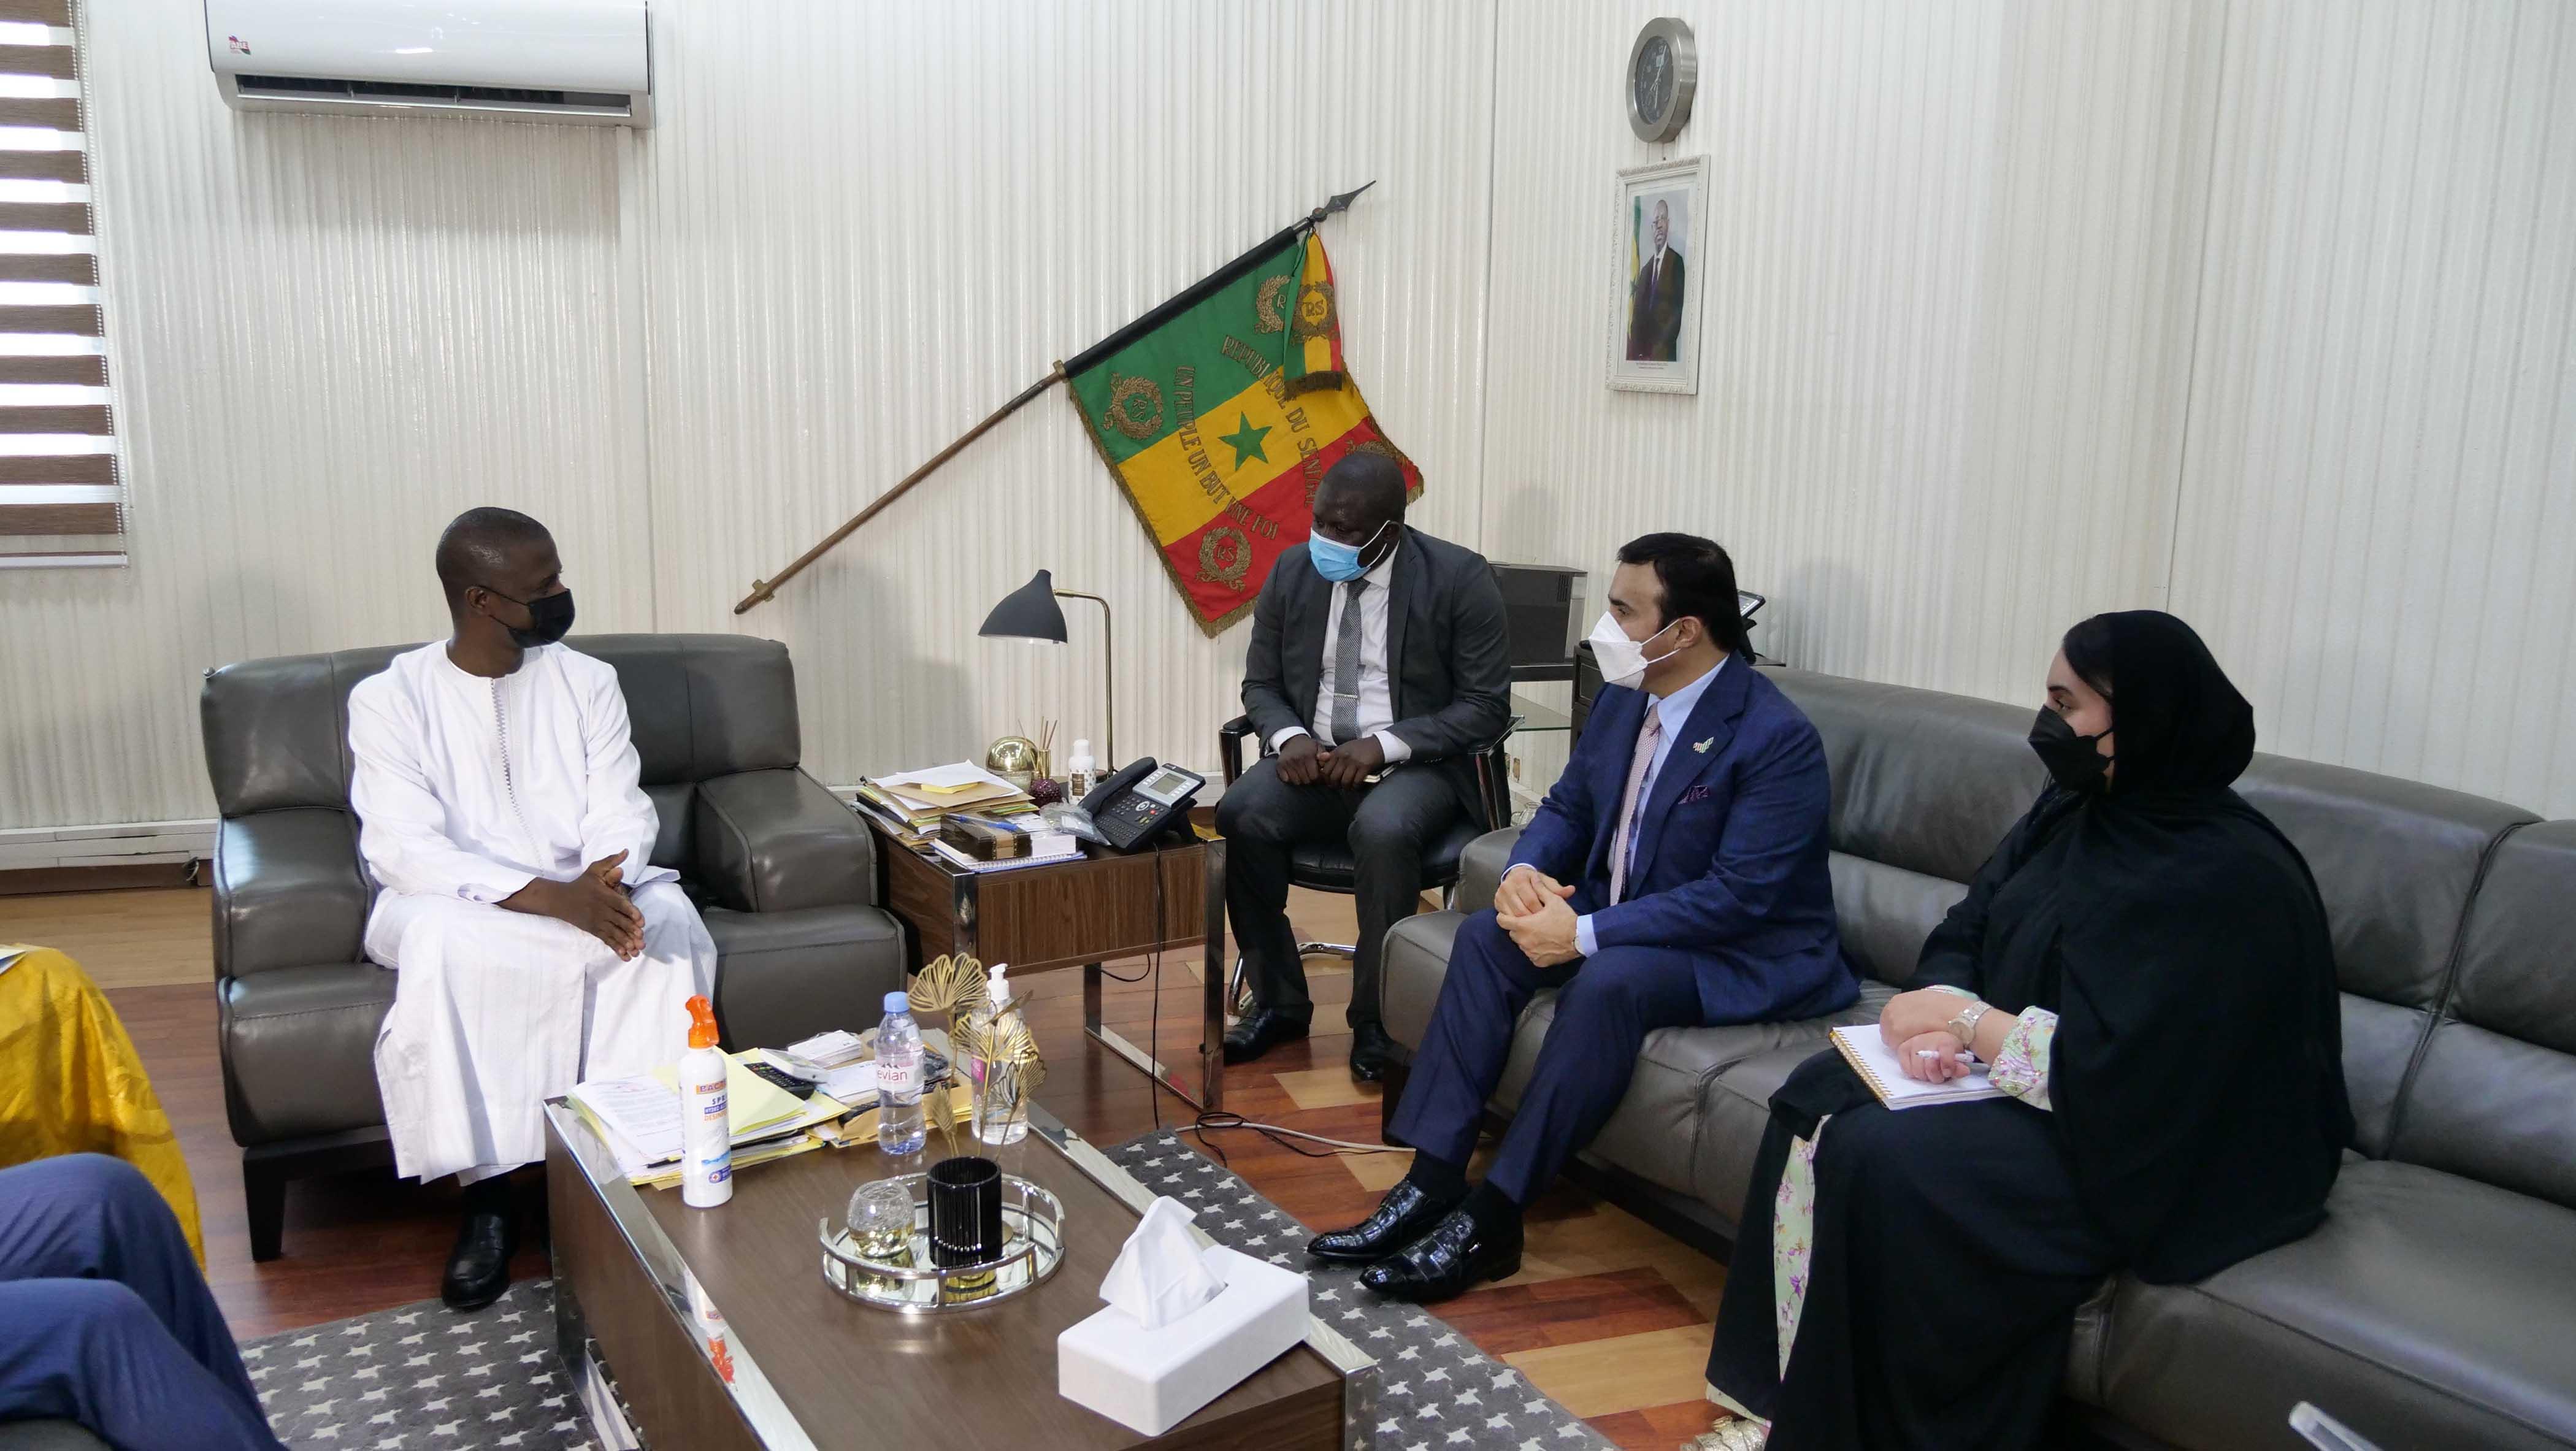 جولة أفريقية لمفتش عام وزارة الداخلية يبحث خلالها تعزيز التعاون في المجالات الشرطية